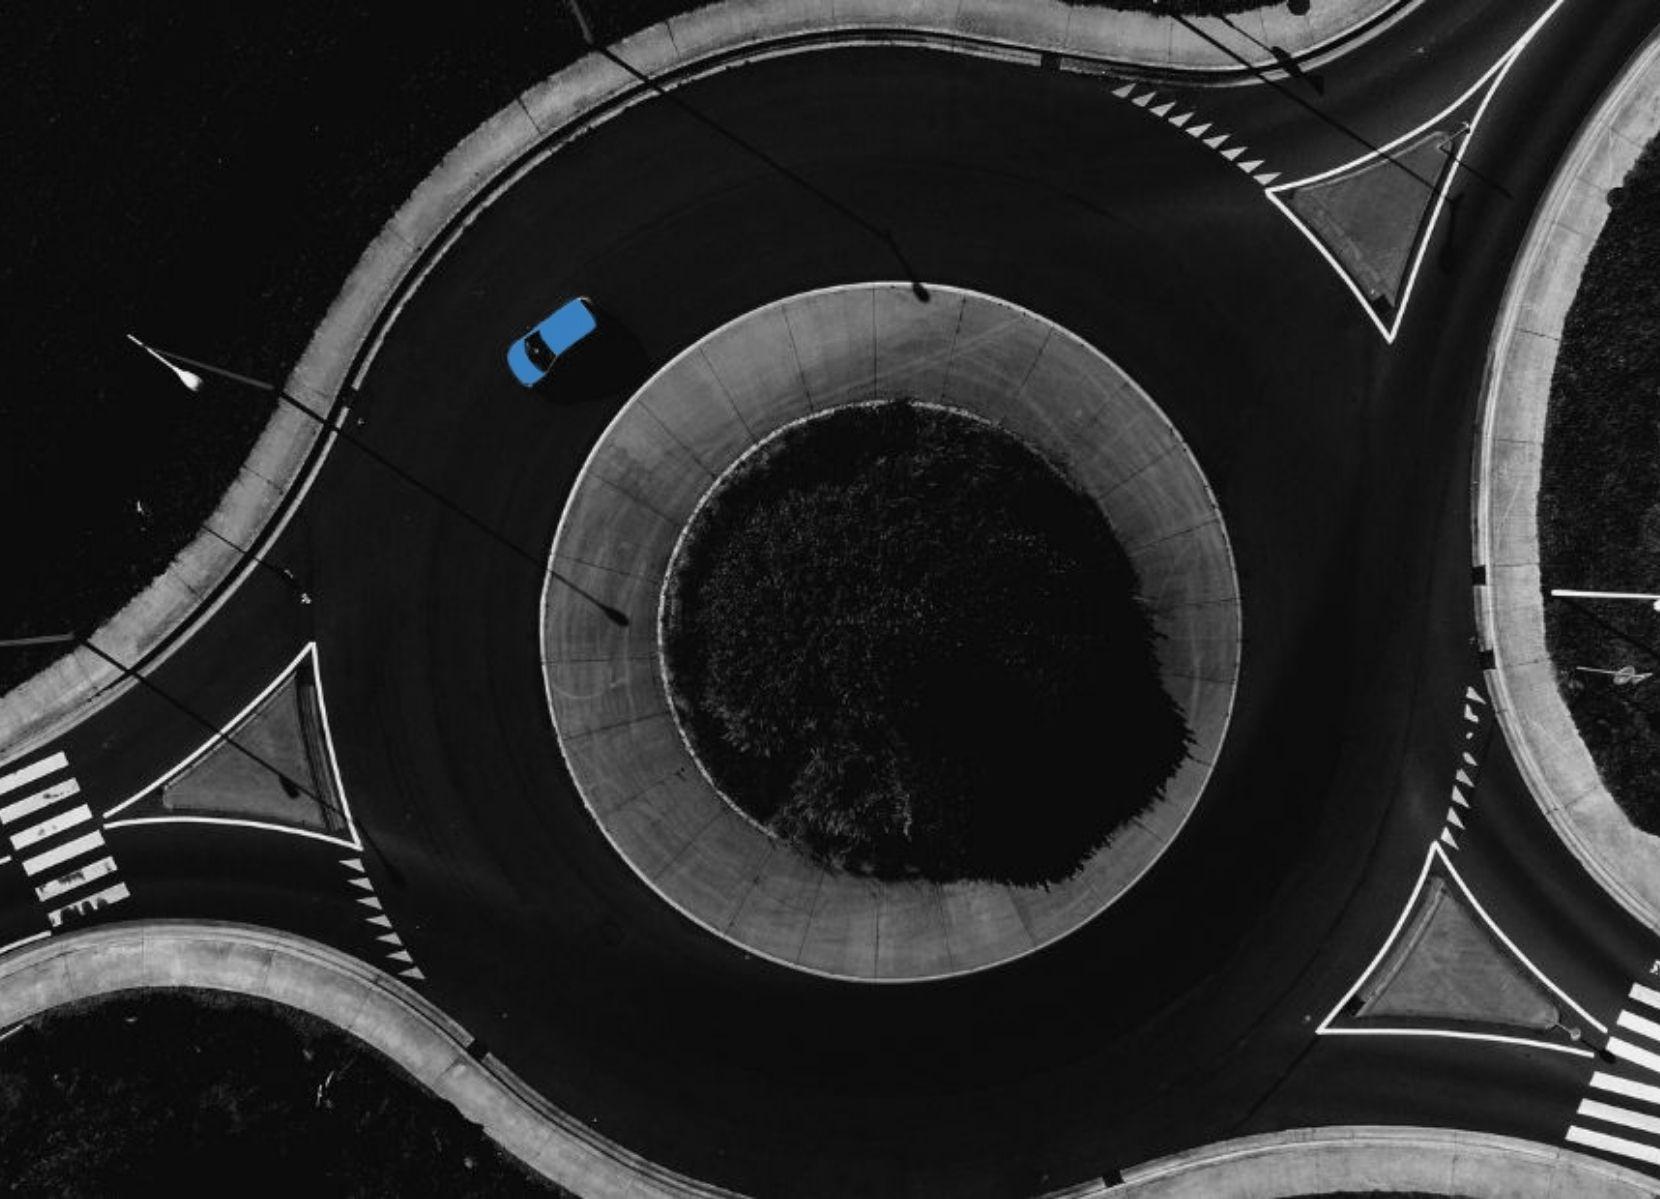 Een rotonde met een blauwe auto die staat voor het kiezen van de juiste weg.